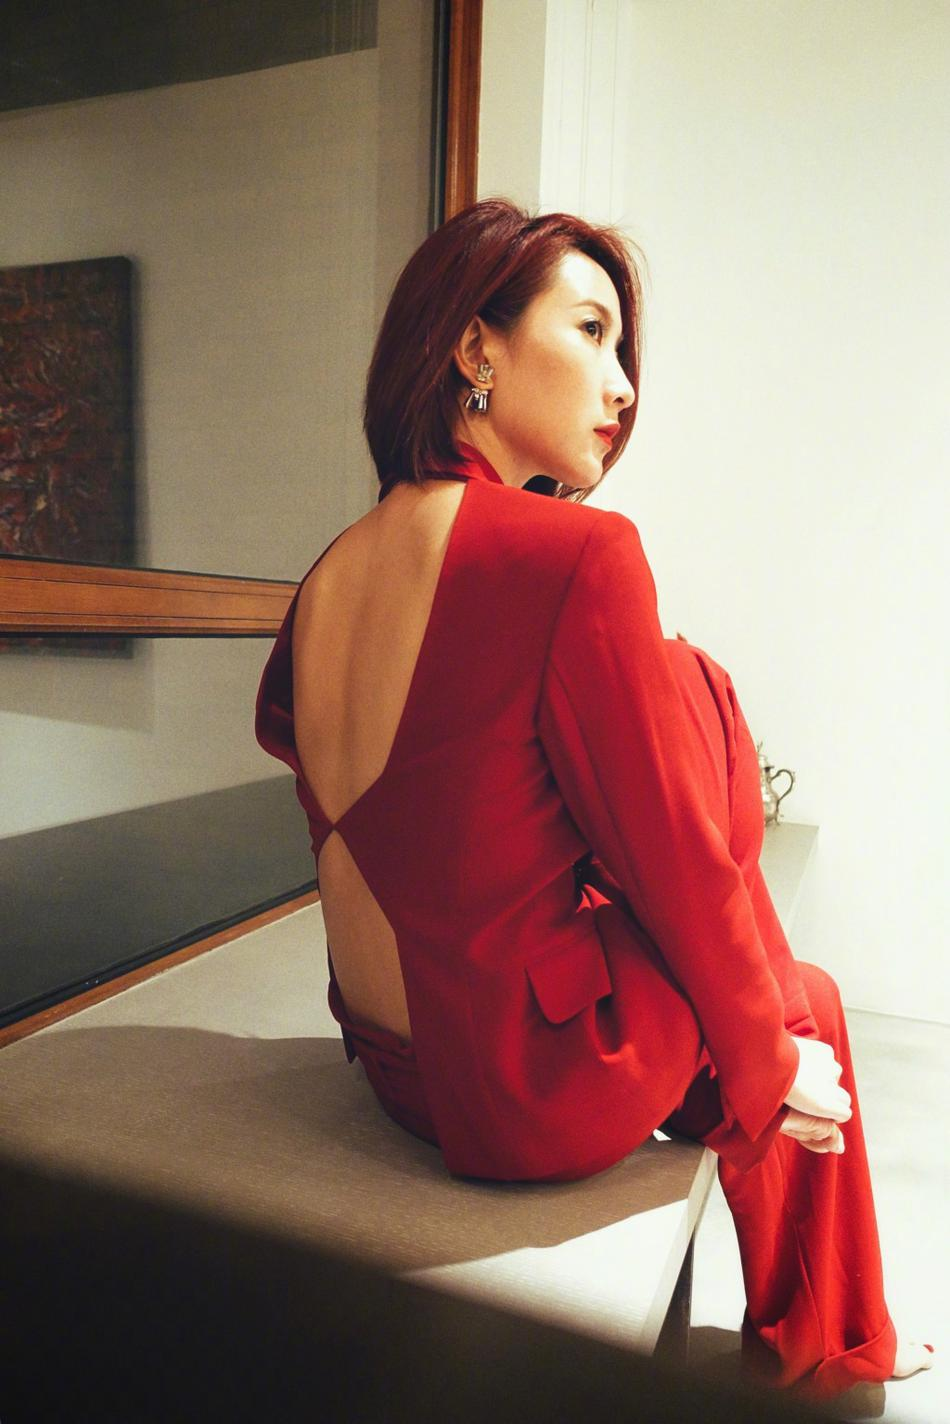 高清套图:陈赫前妻现身活动 深V红套装性感又干练